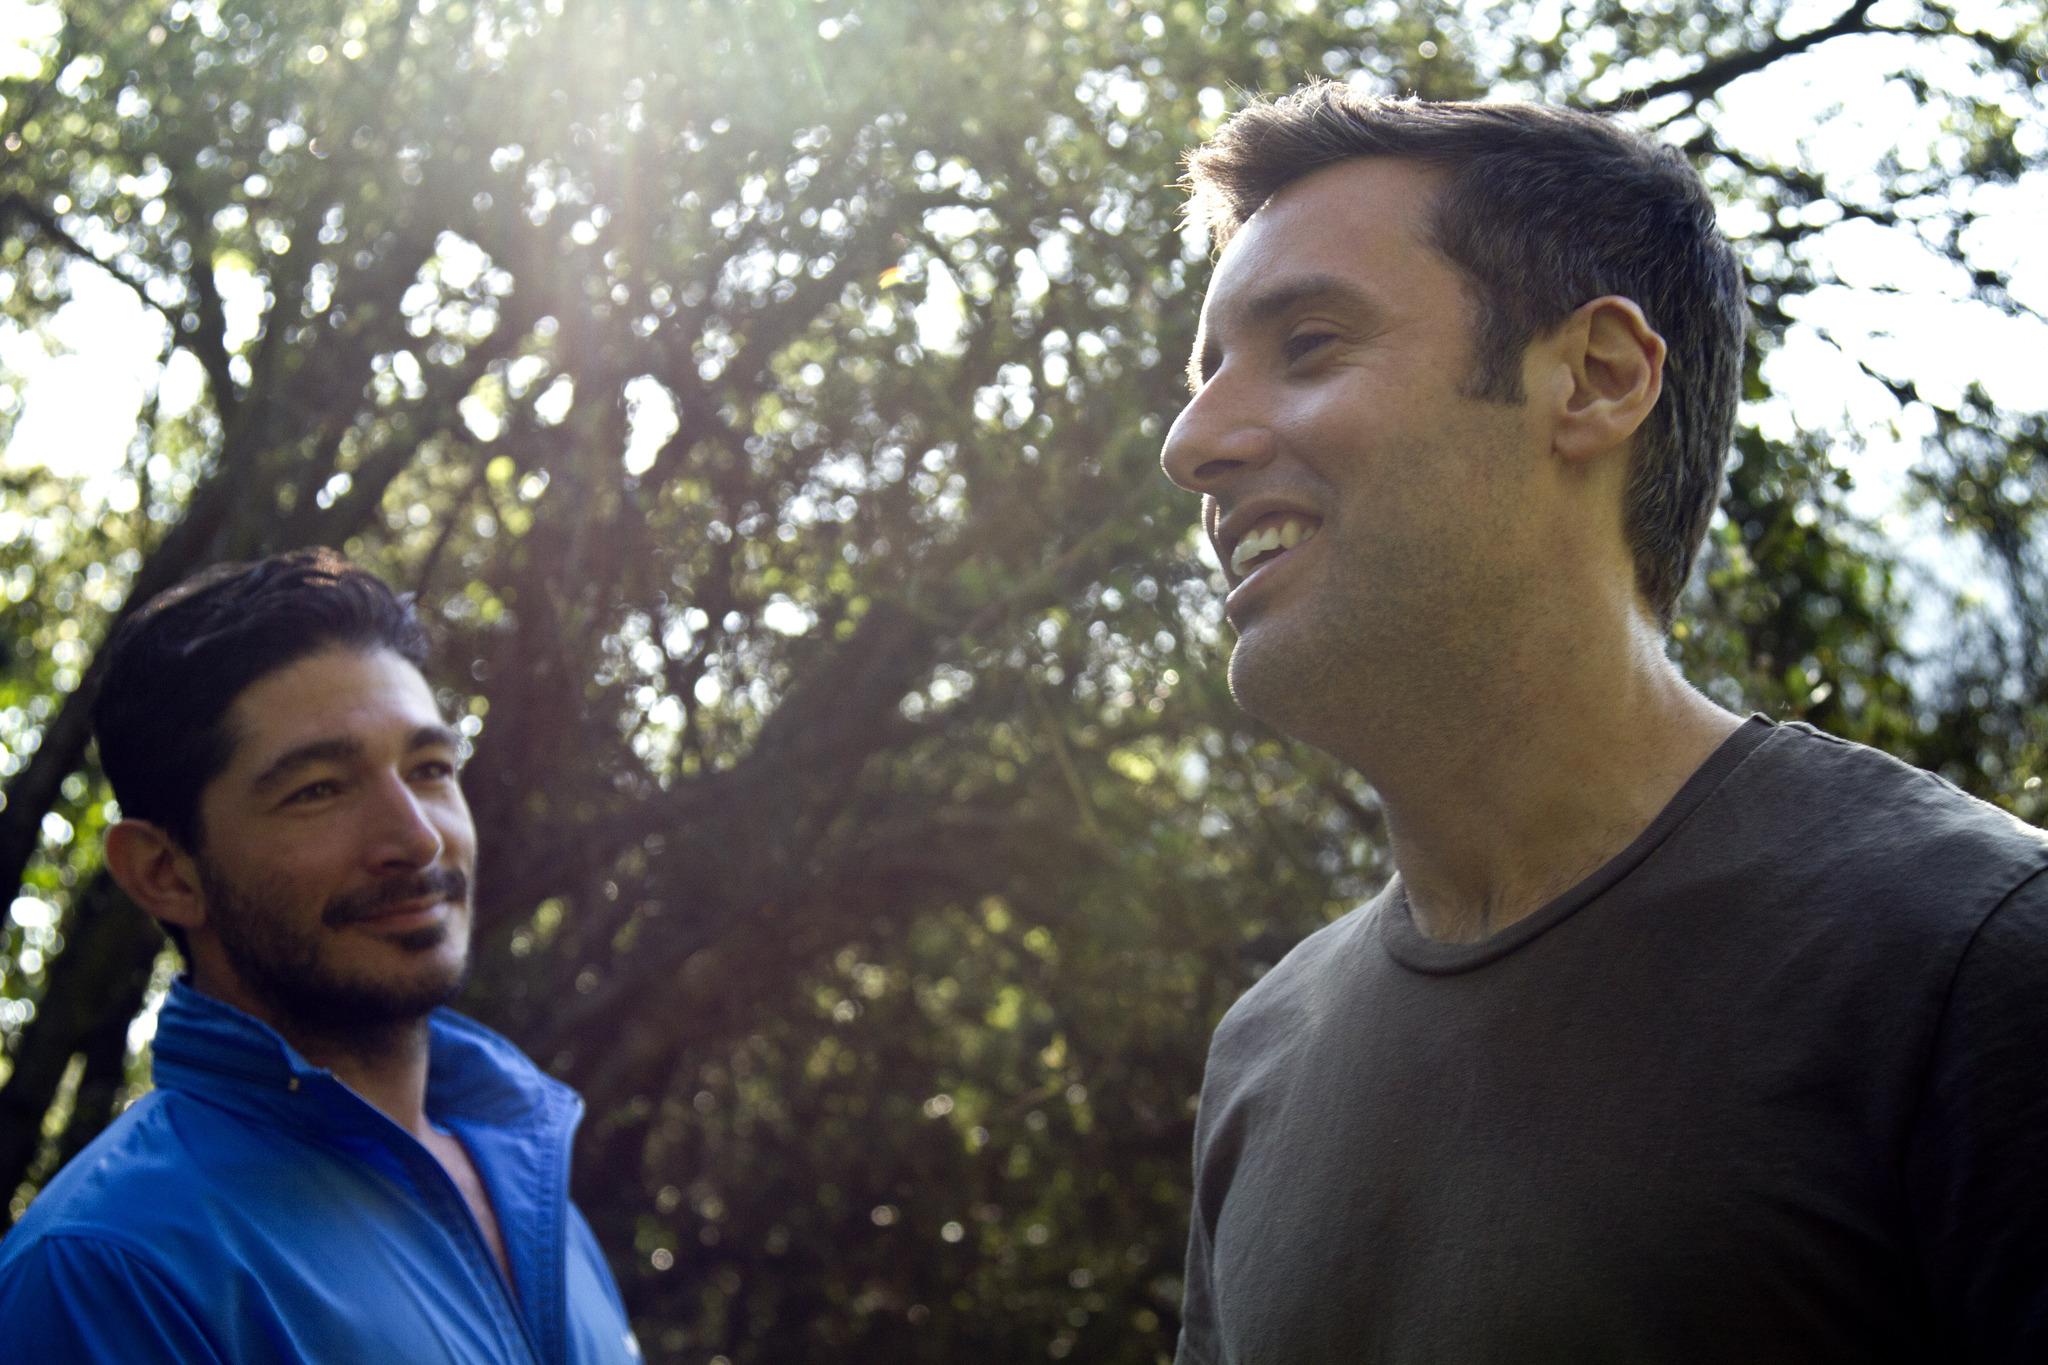 Still of Mark Strano and Frankie Valenti in Tiger Orange (2014)